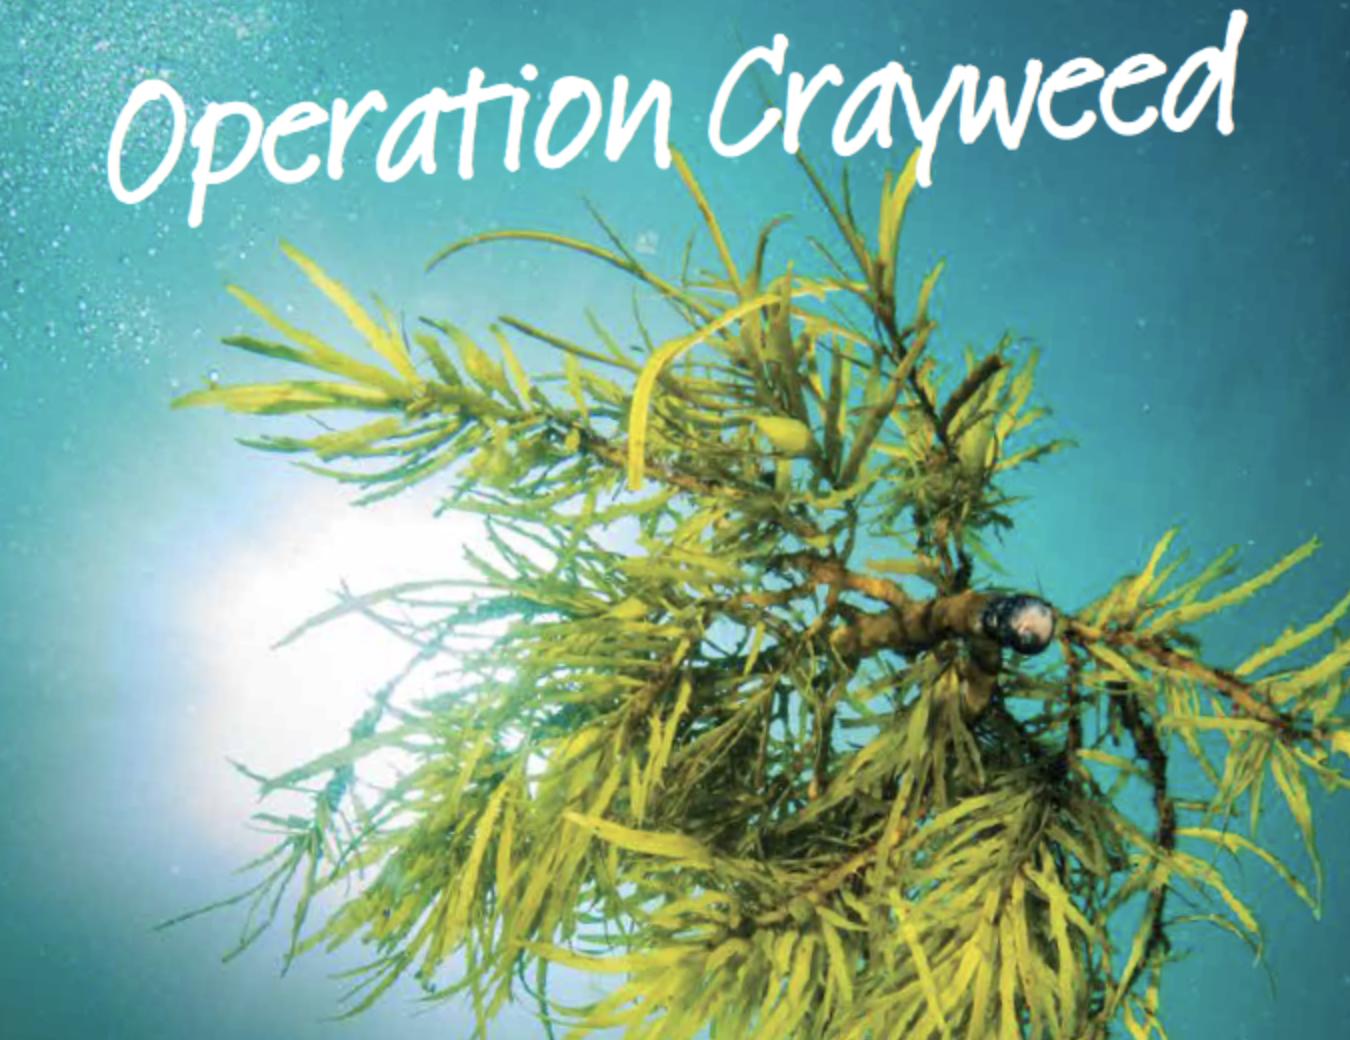 Image: Operation Crayweed